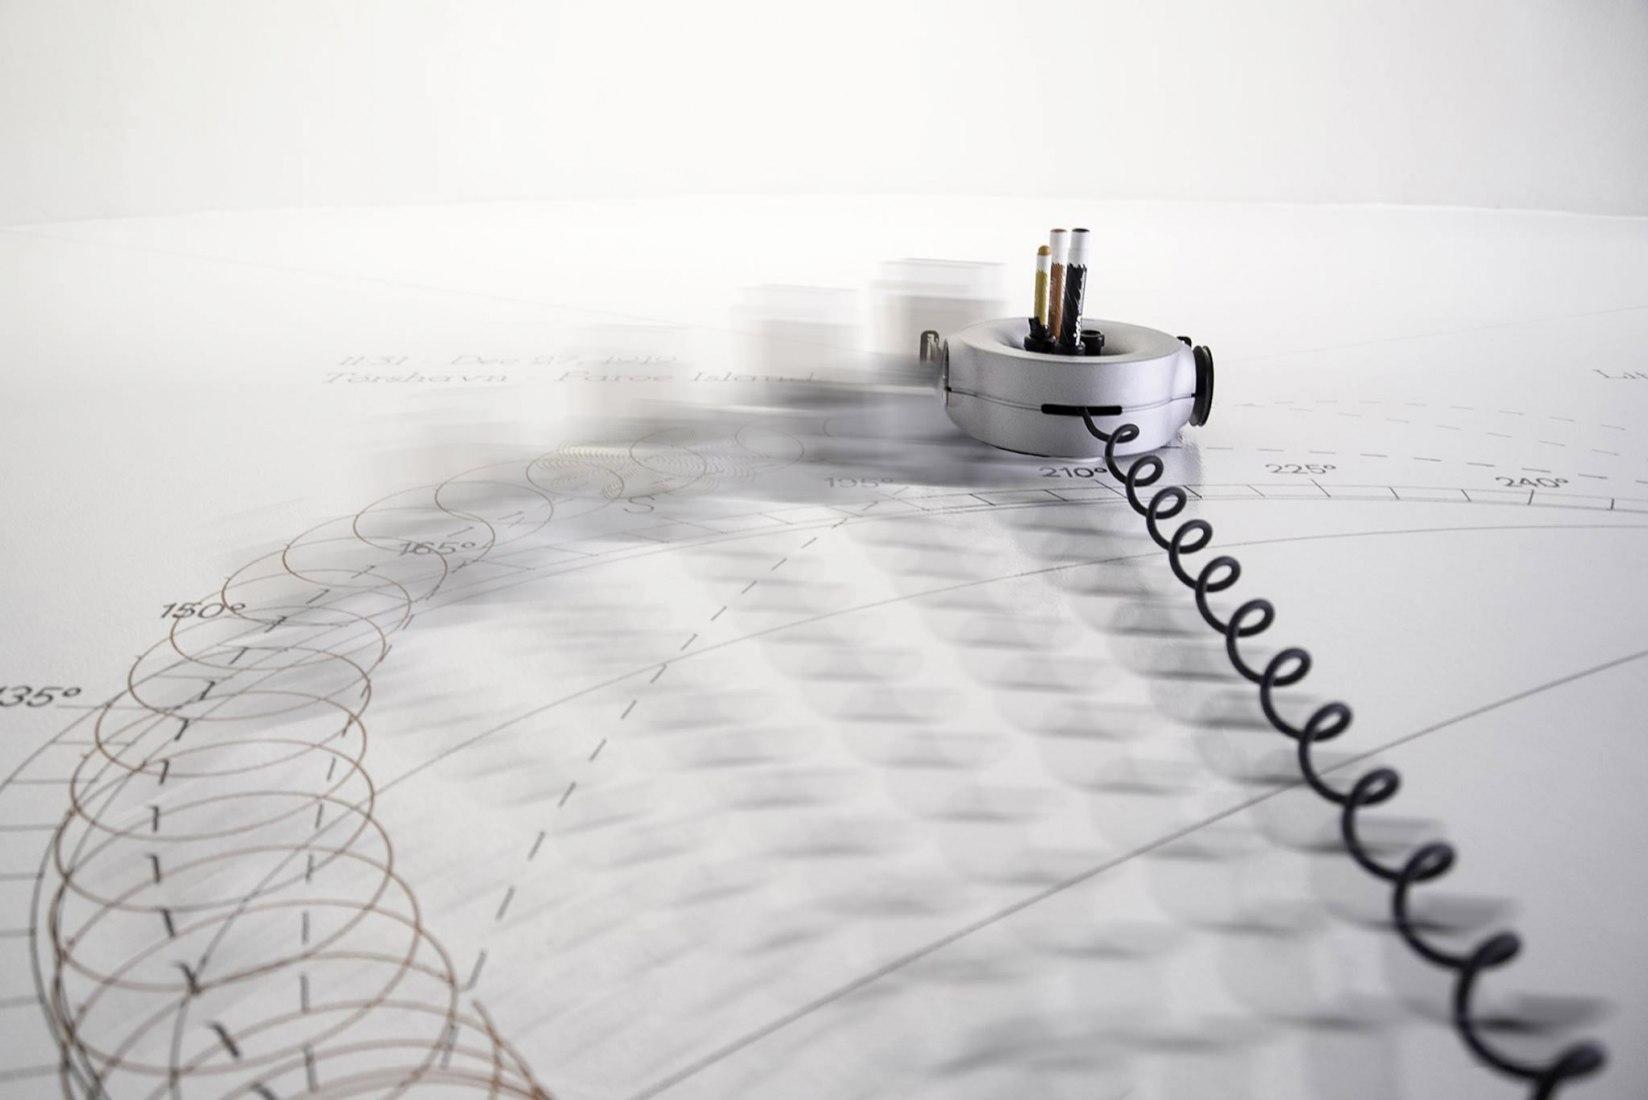 Little Sun de Olafur Eliasson y el robot Scribit de Carlo Ratti. Fotografía por Federico Morando